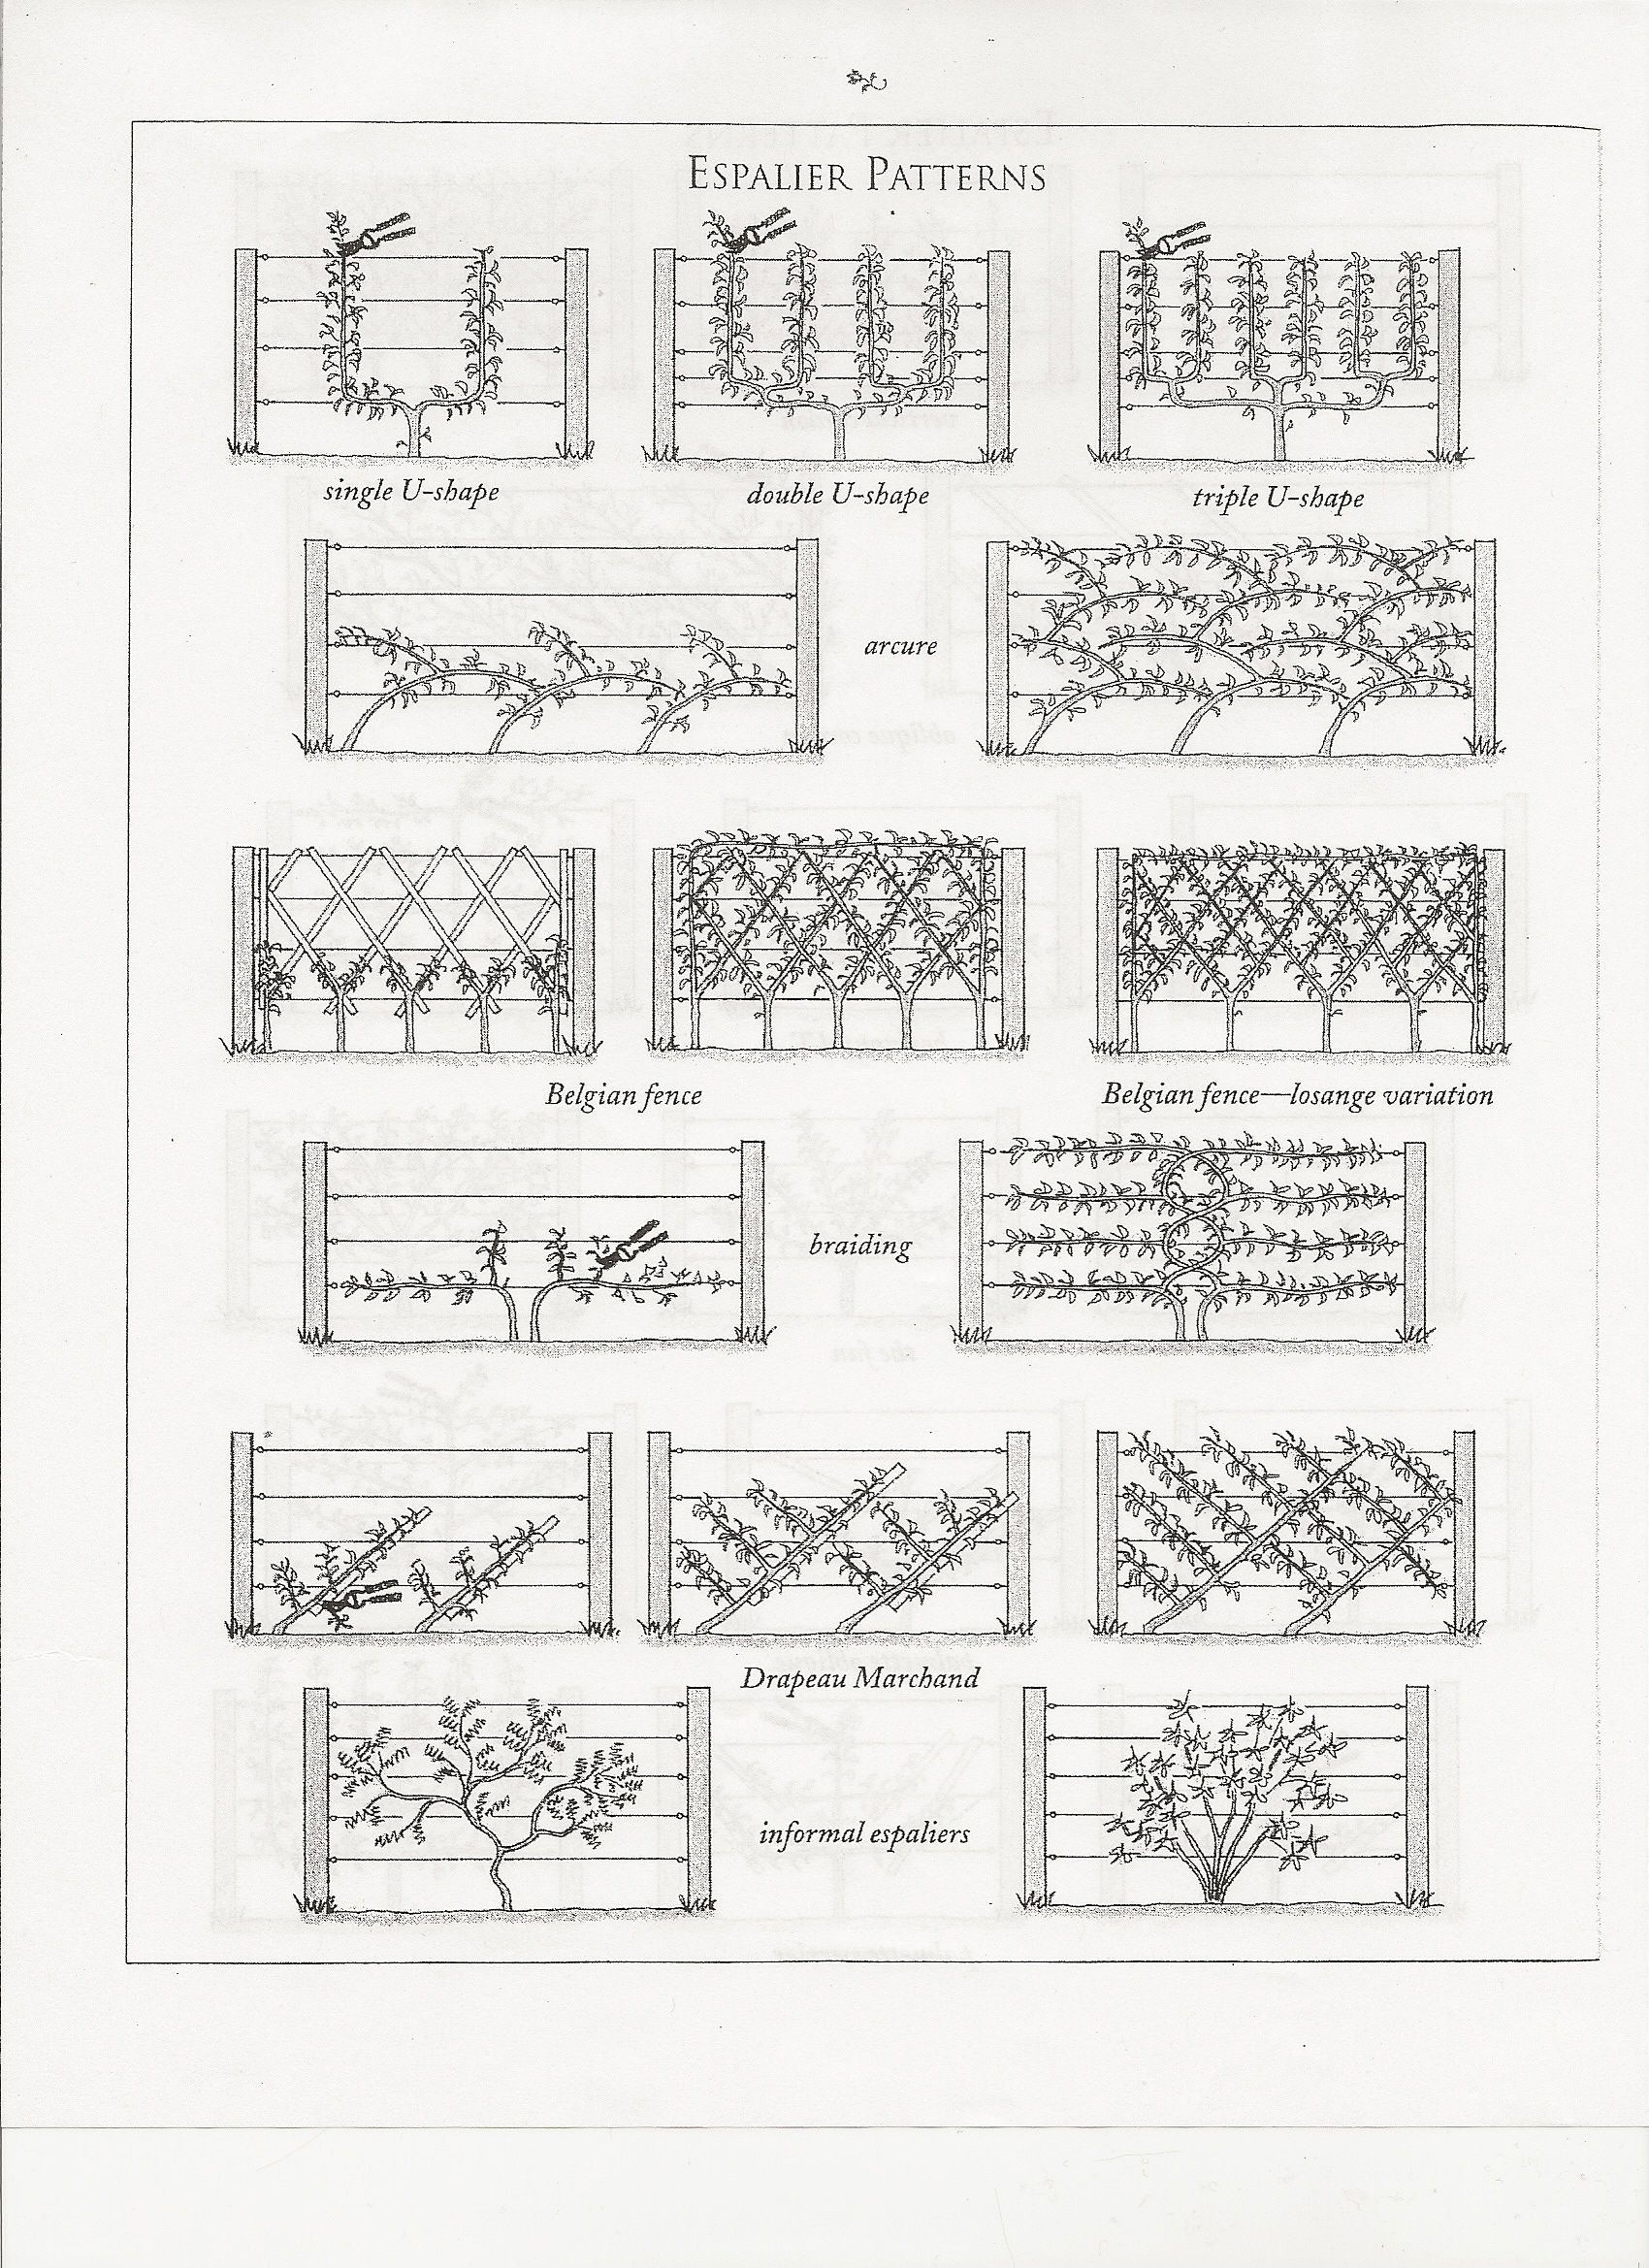 espalier patterns I saw lemon trees in a simple espalier along a